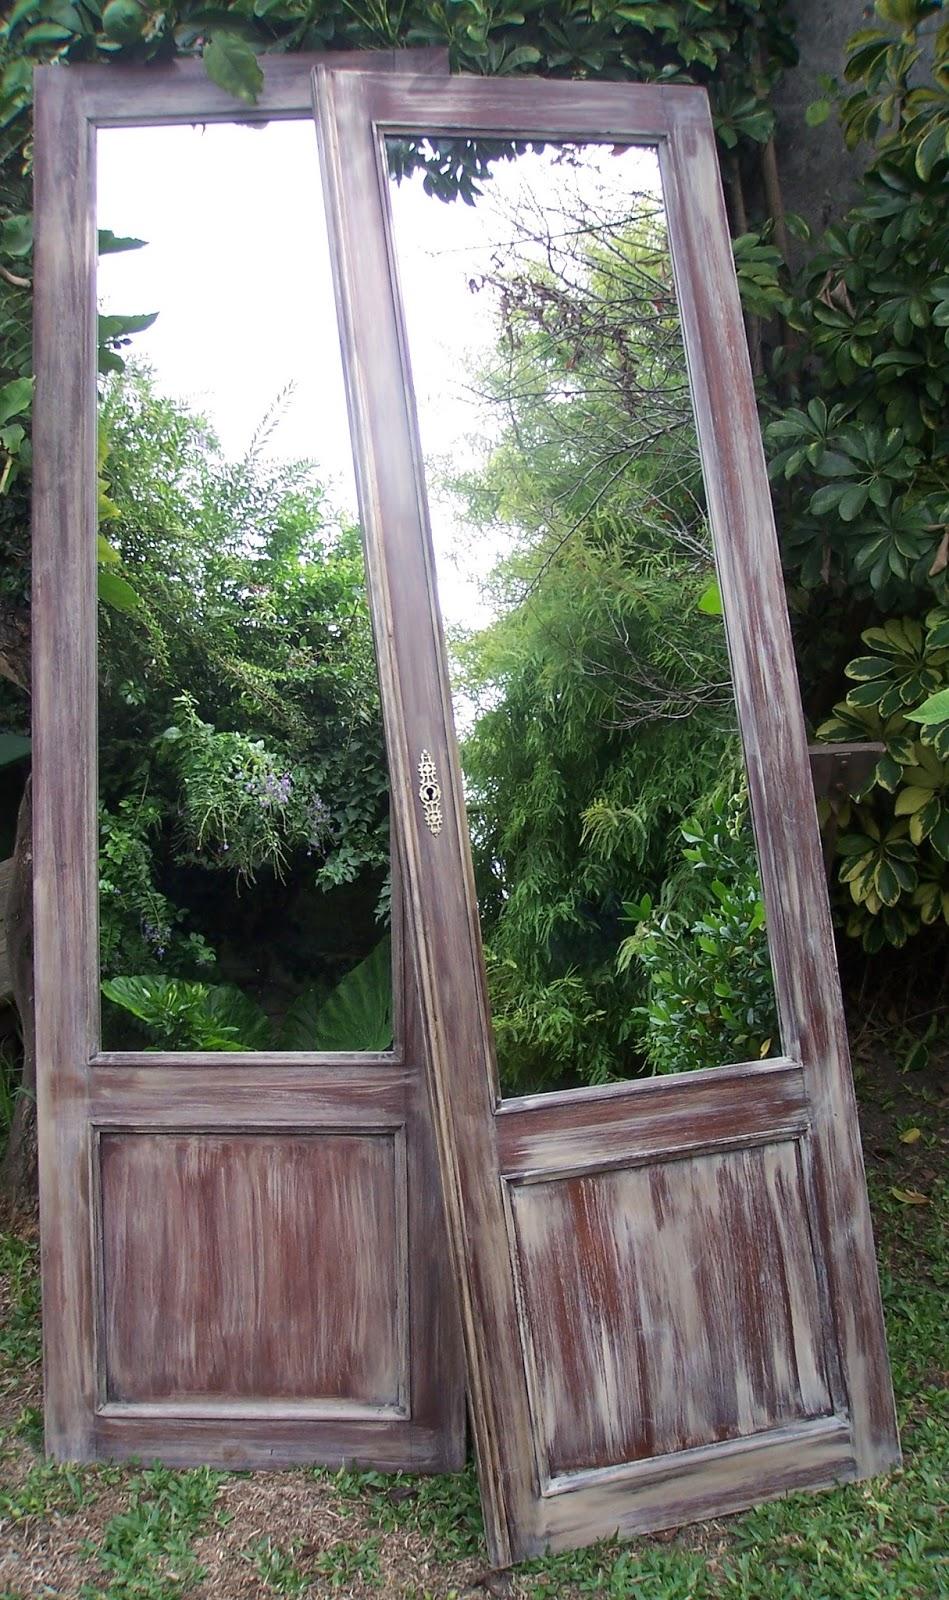 Chiribitil dos espejos en puertas antiguas de cedro for Espejo para puerta